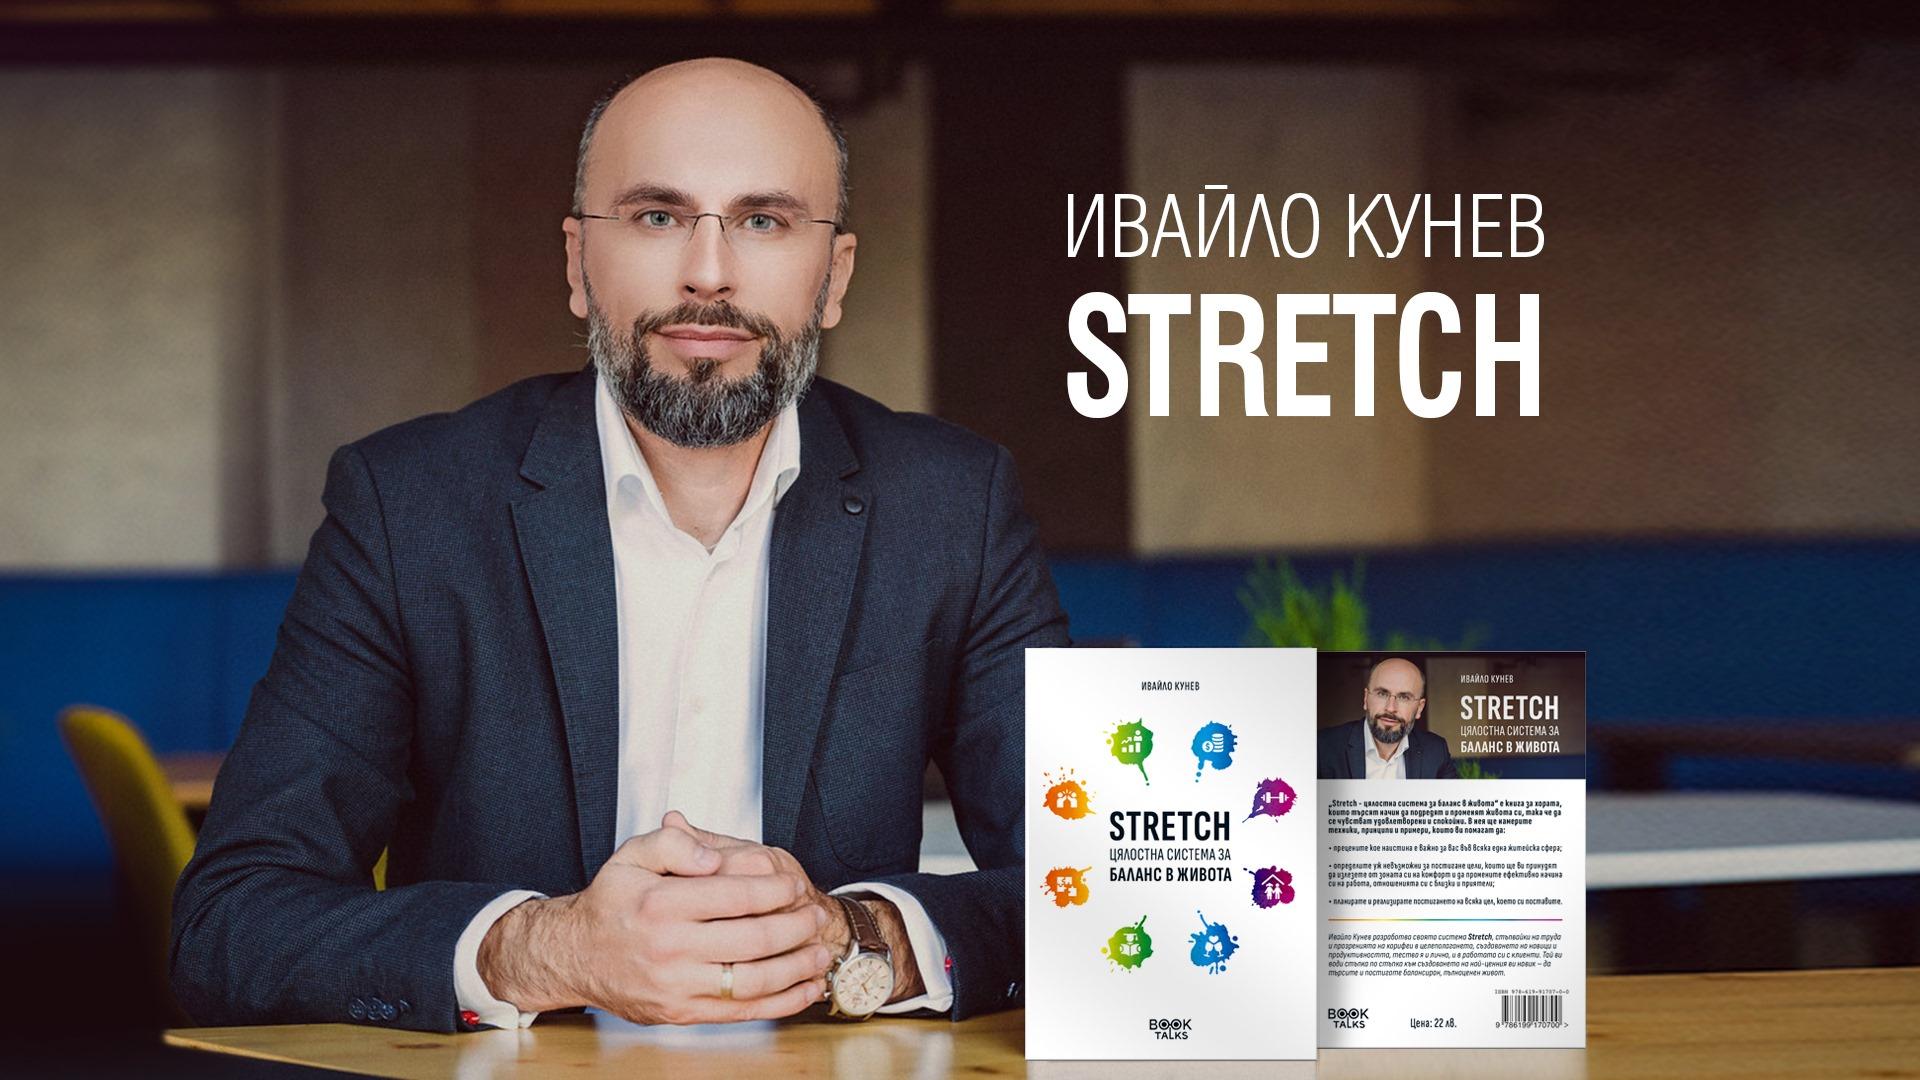 Представяне на новата книга Stretch на Ивайло Кунев